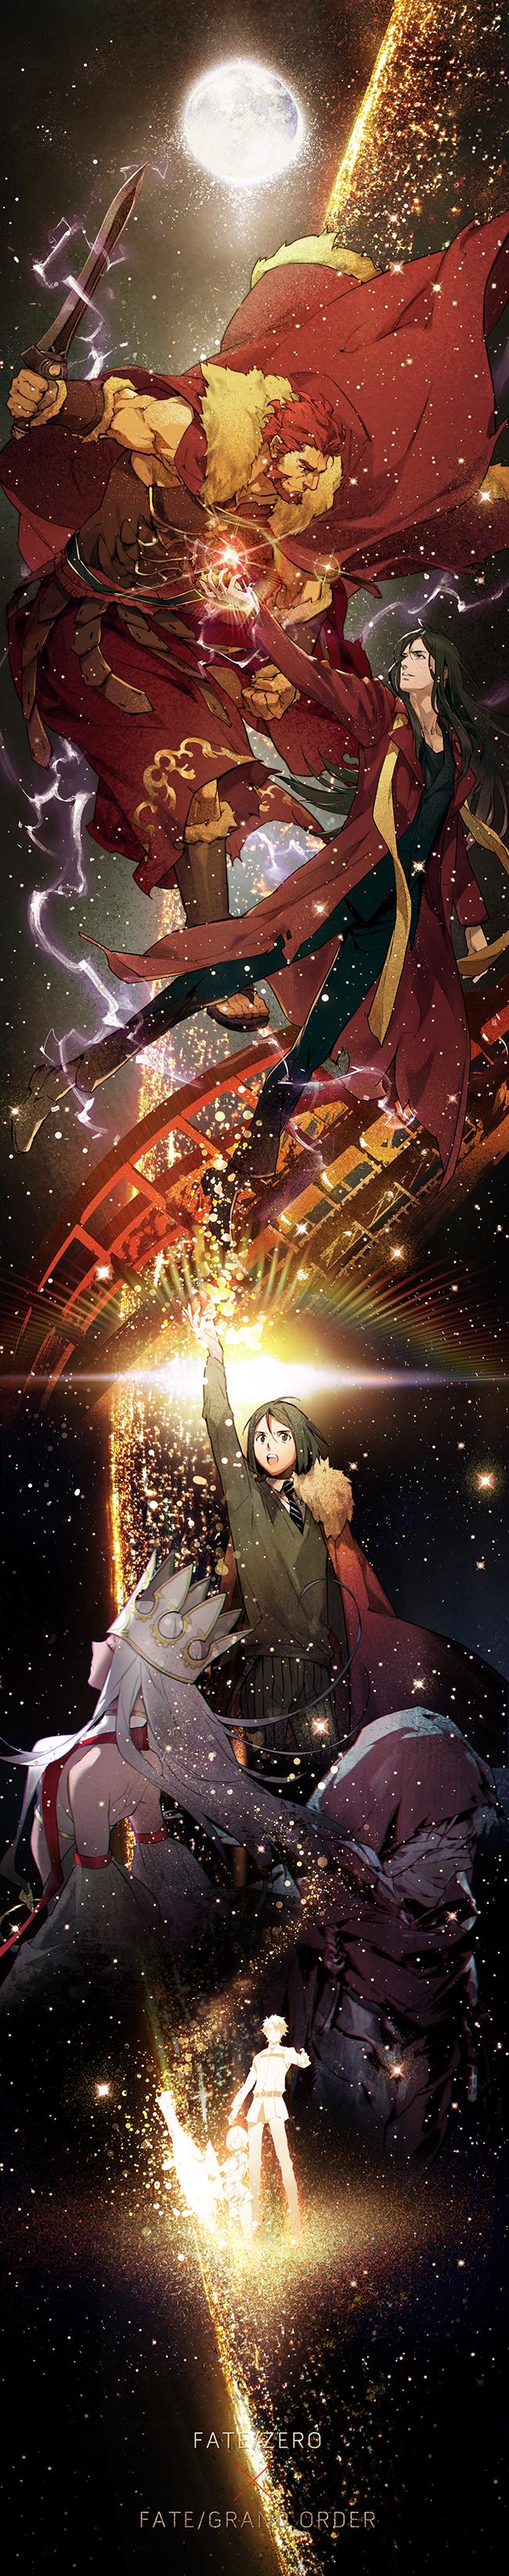 Tags: Anime, Xiling, Fate/Grand Order, Ritsuka Fujimaru, Rider (Fate/zero), Shielder (Fate/Grand Order), Waver Velvet, Irisviel von Einzbern, Caster (Irisviel von Einzbern), Lord El-Melloi II, Emiya Kiritsugu, Assassin (EMIYA)